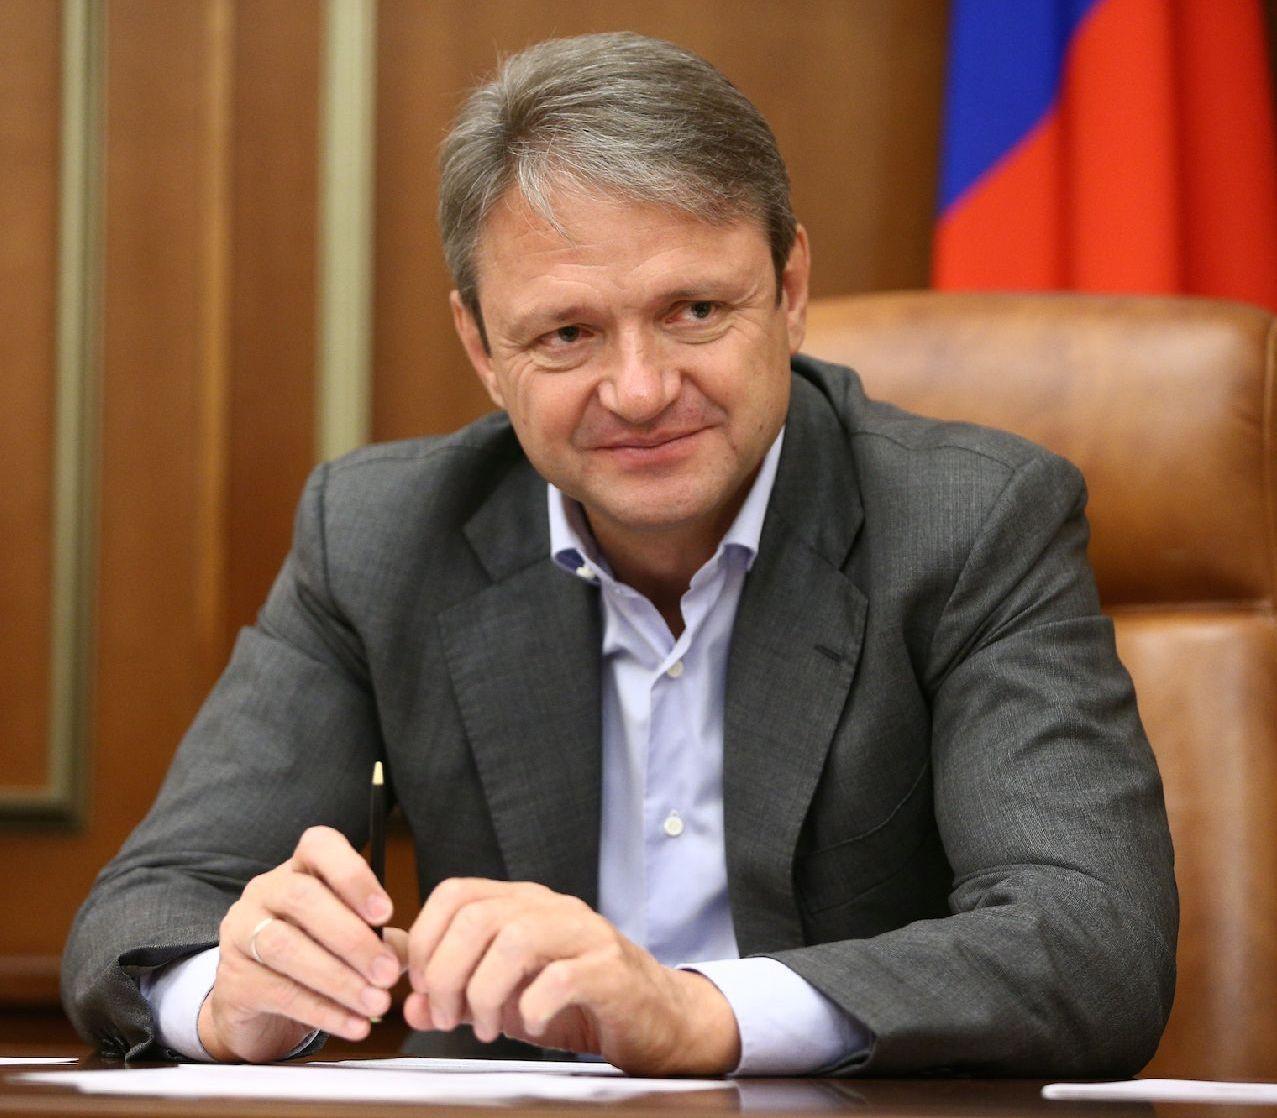 Министр сельского хозяйства Российской Федерации  Александр Николаевич Ткачев.